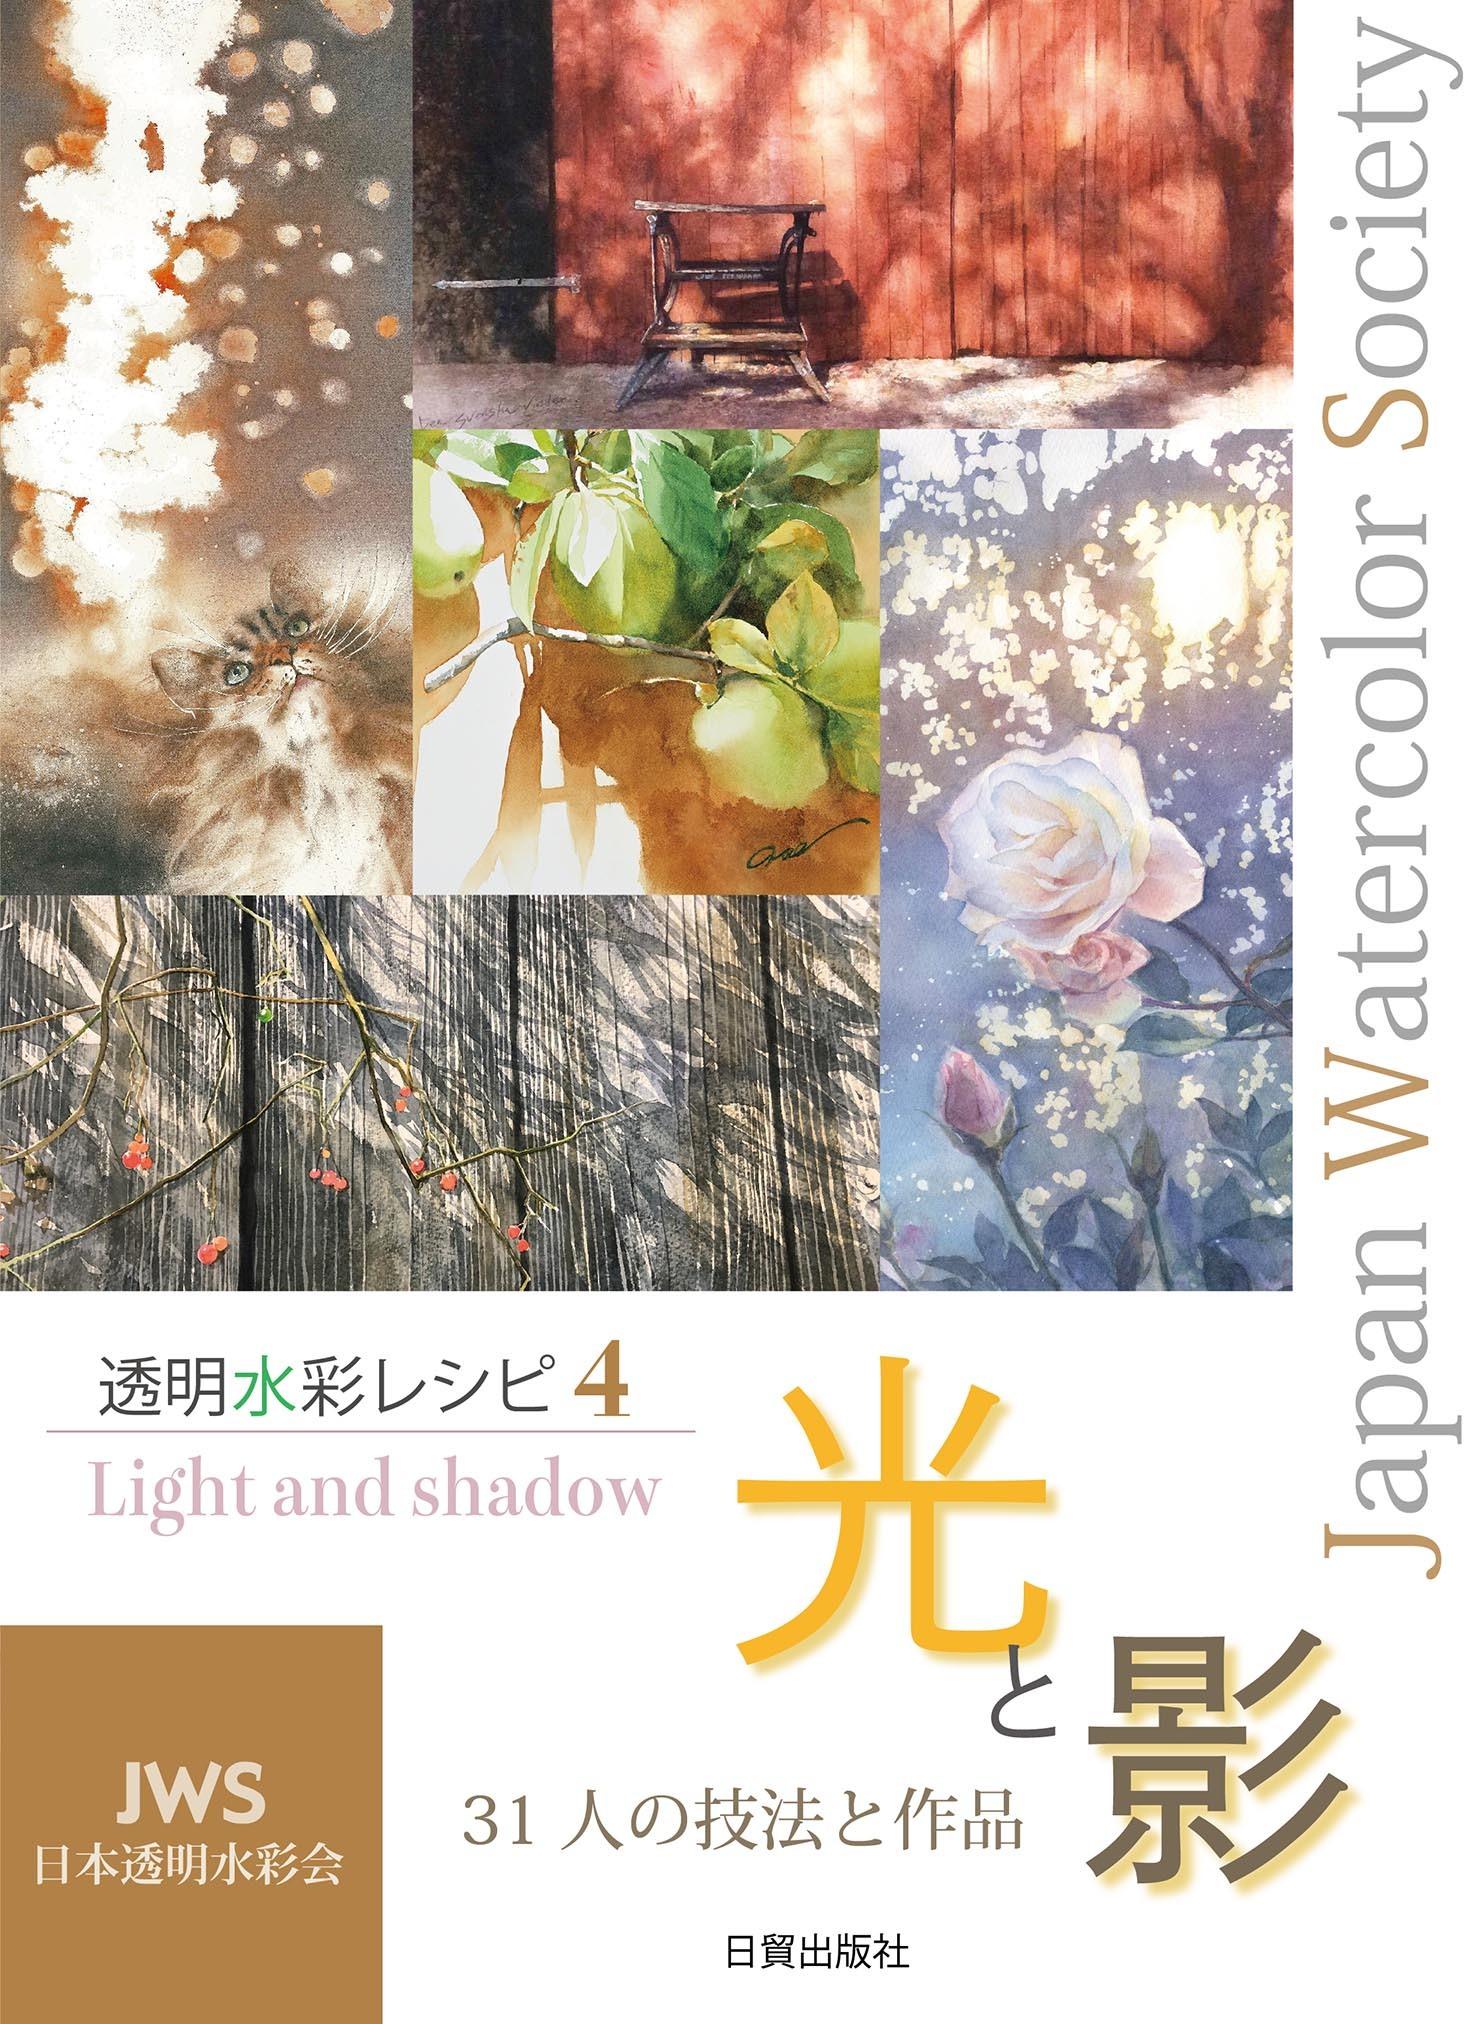 透明水彩レシピ4発売!!_f0231452_23120058.jpg